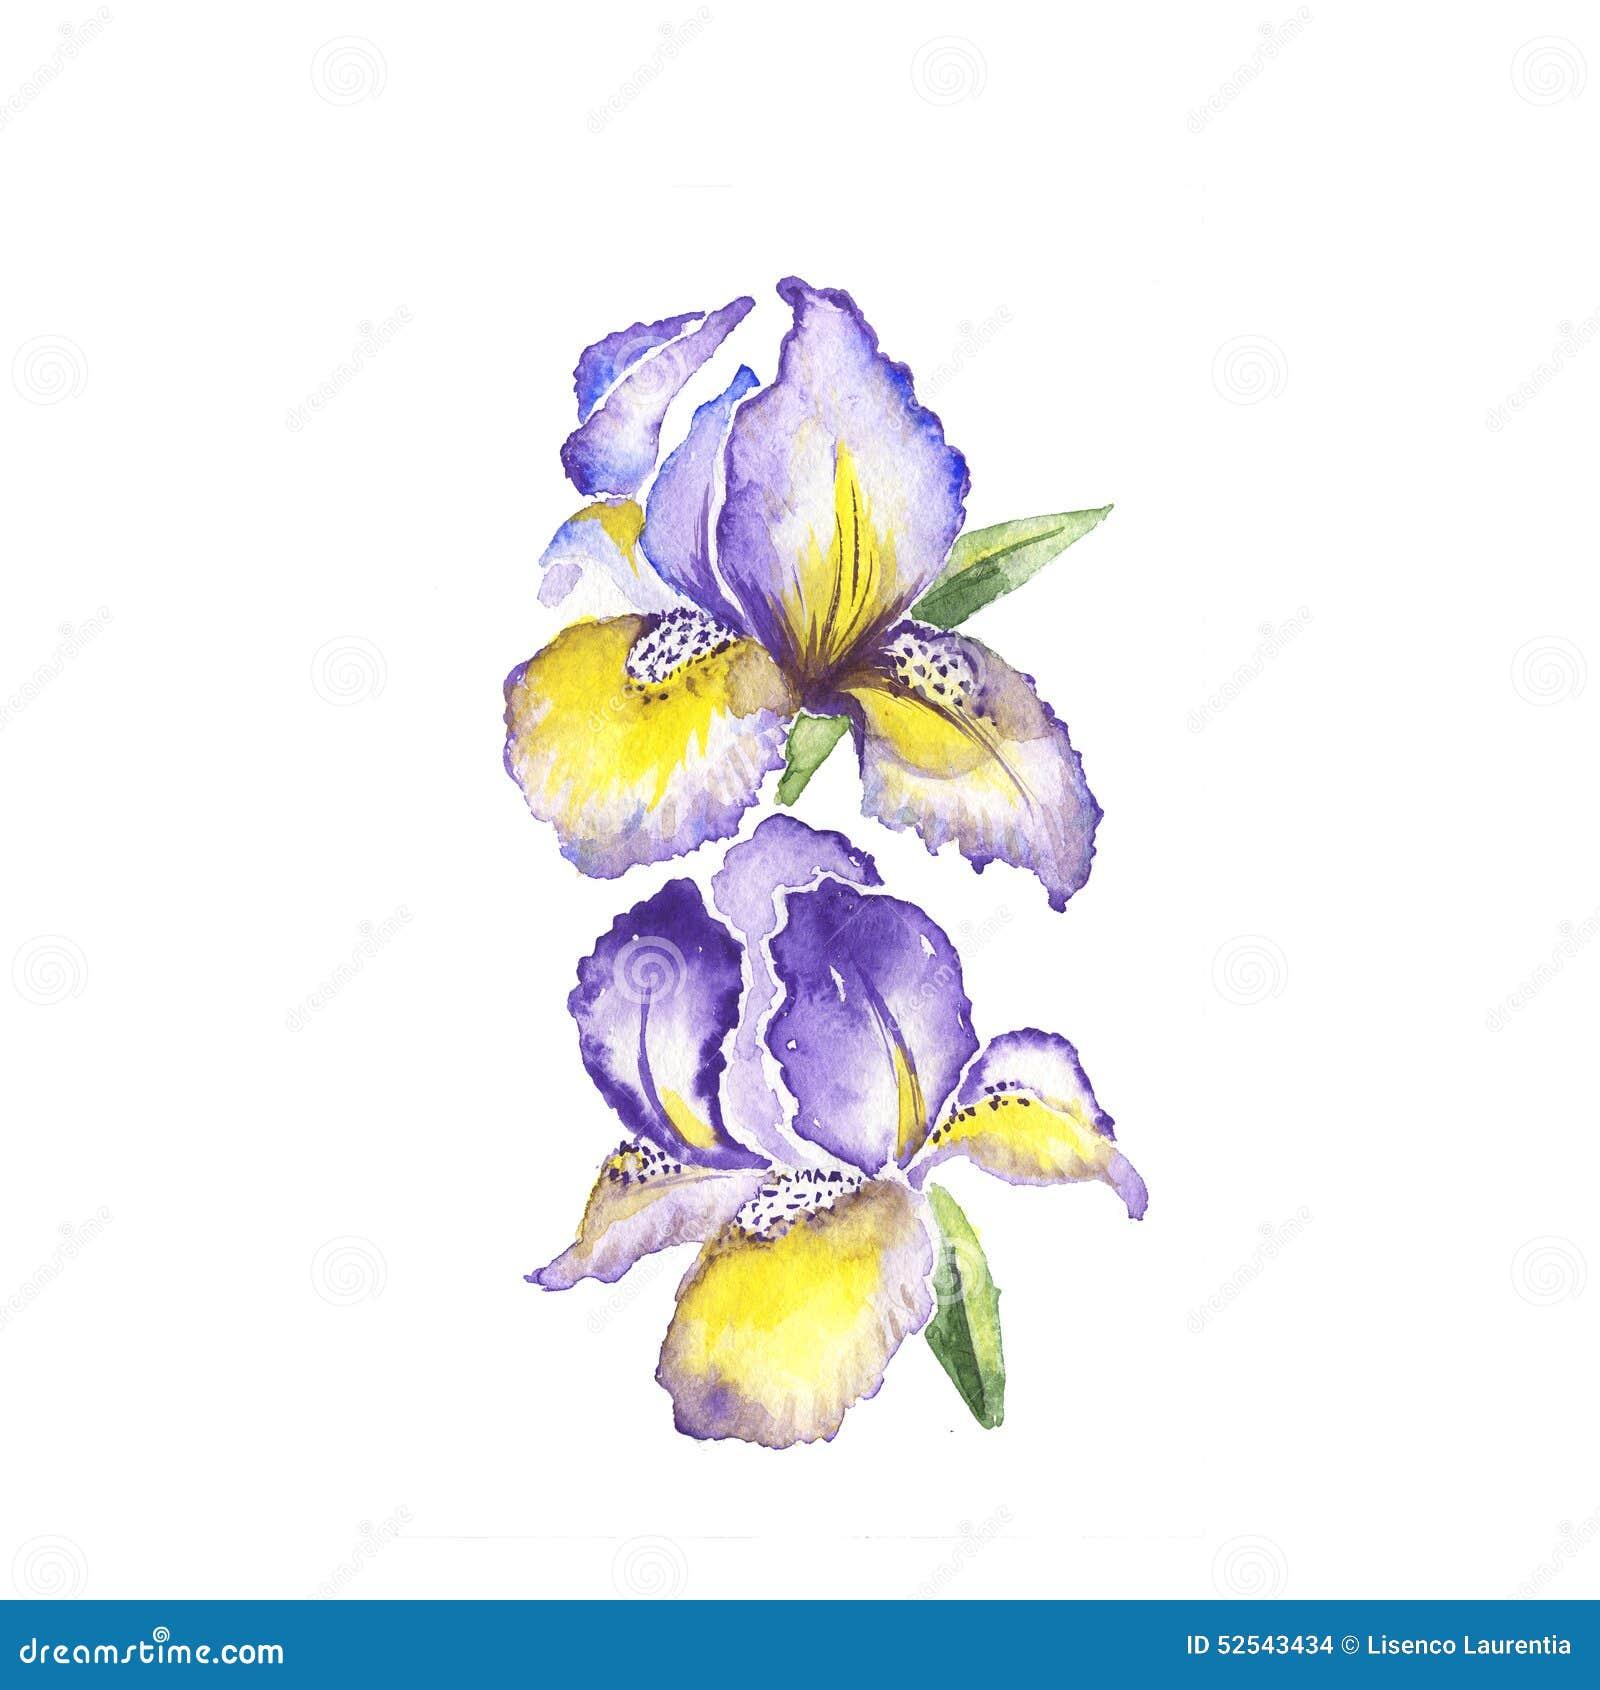 The spring flowers fleur de lis painting watercolor stock for Spring flowers watercolor